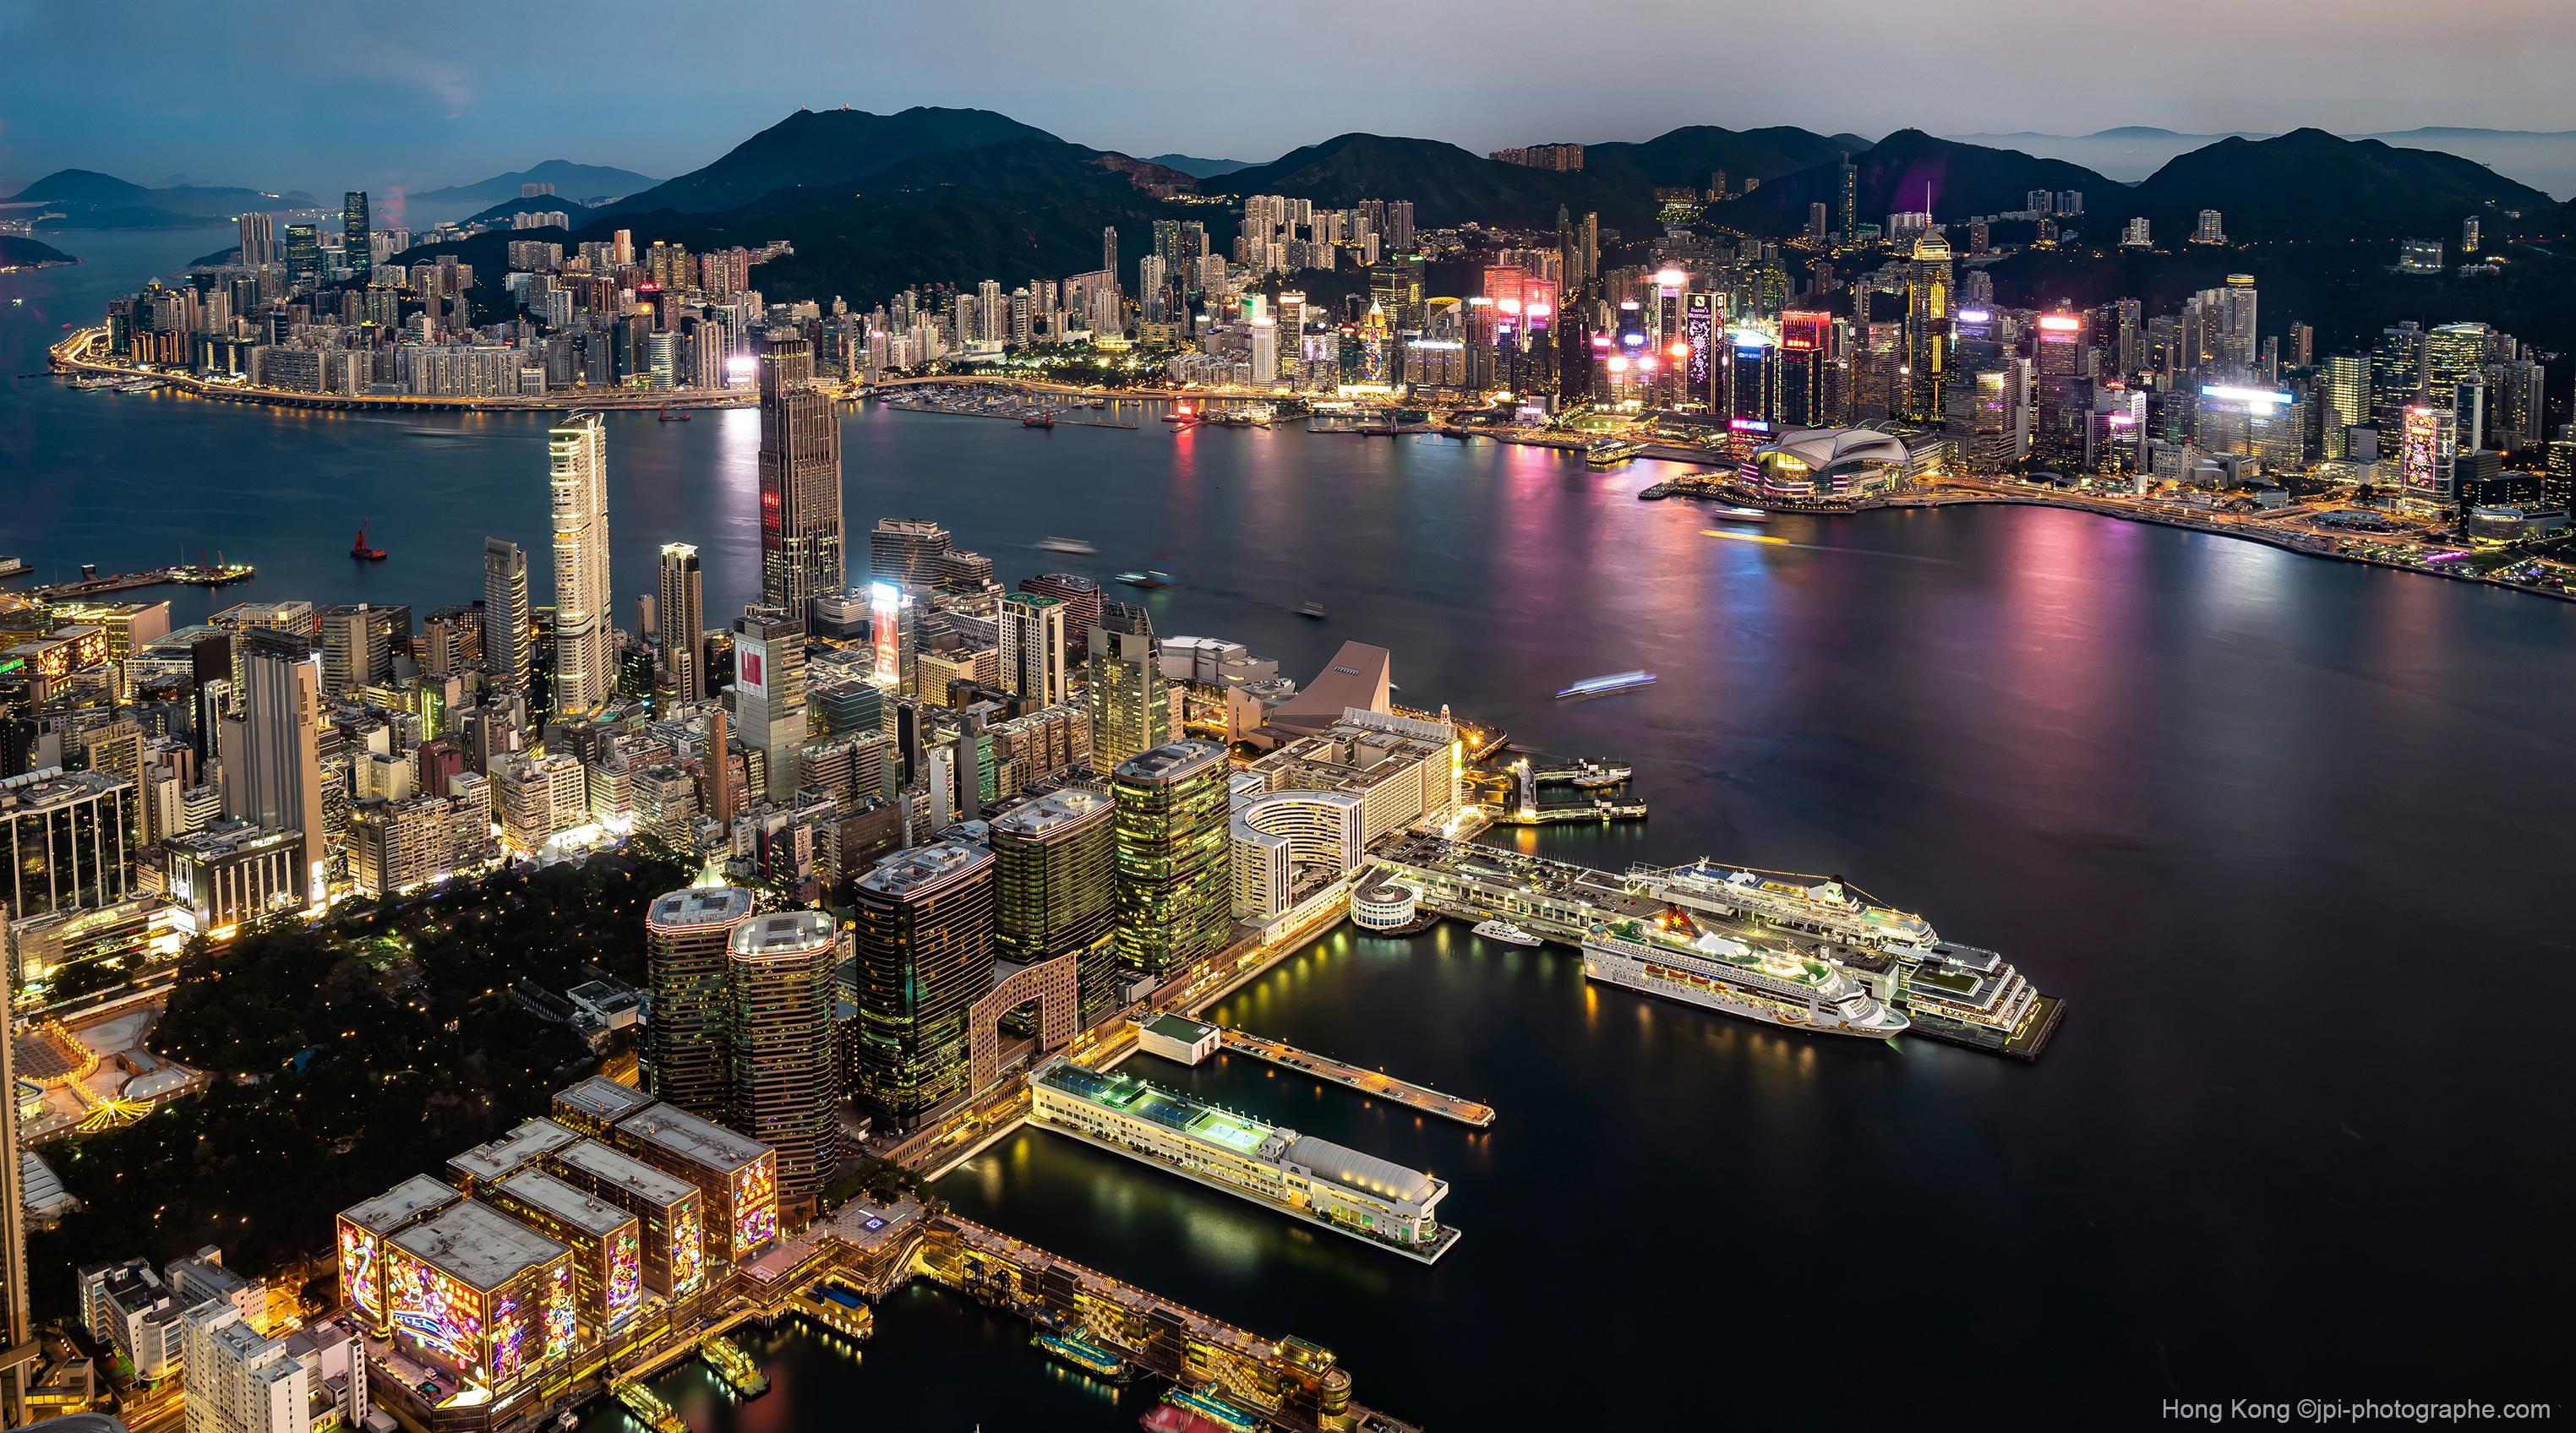 Hong Kong Knoloon